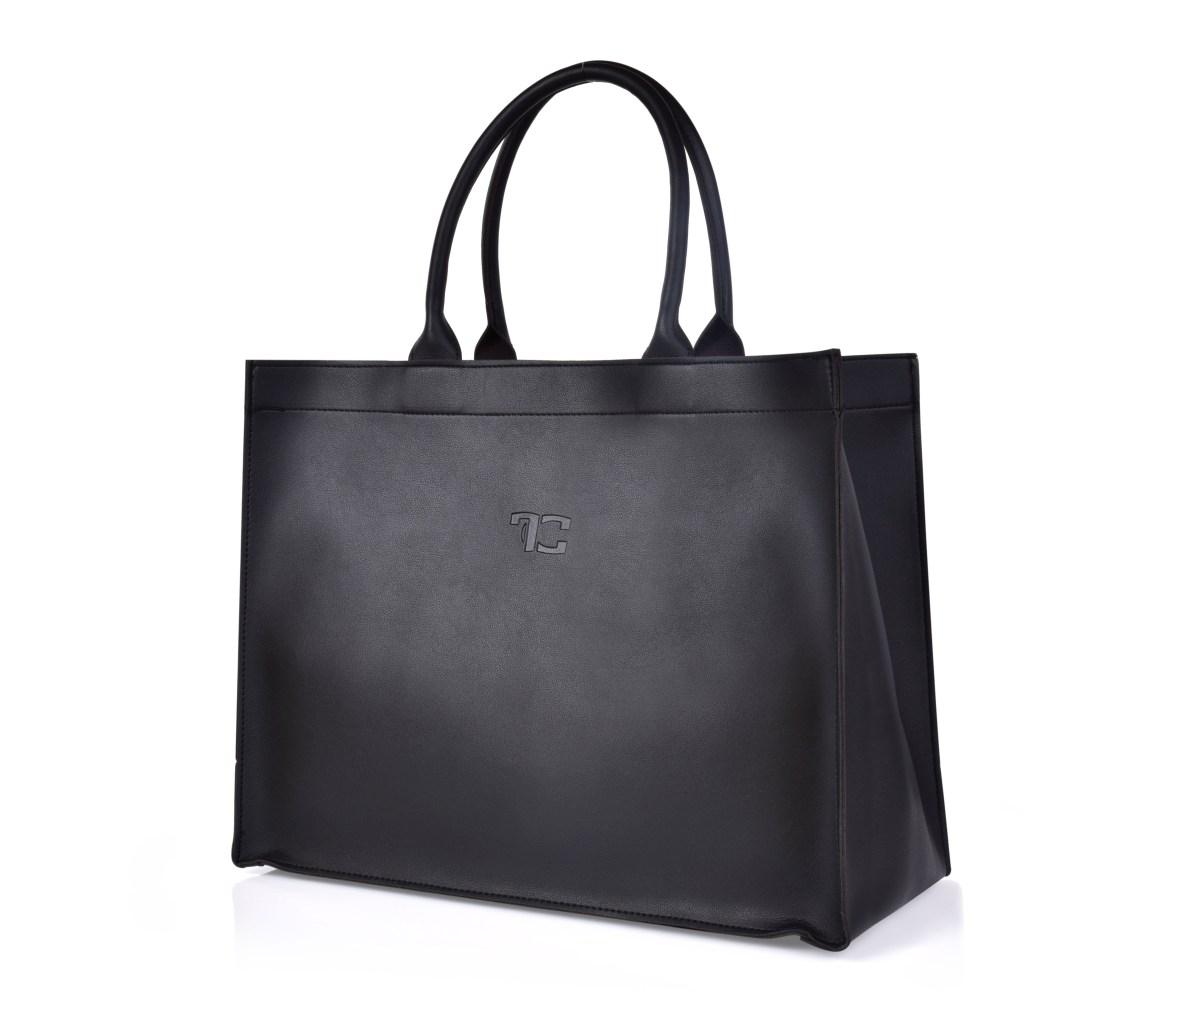 FC SHOPPER BAG černá elegantní taška